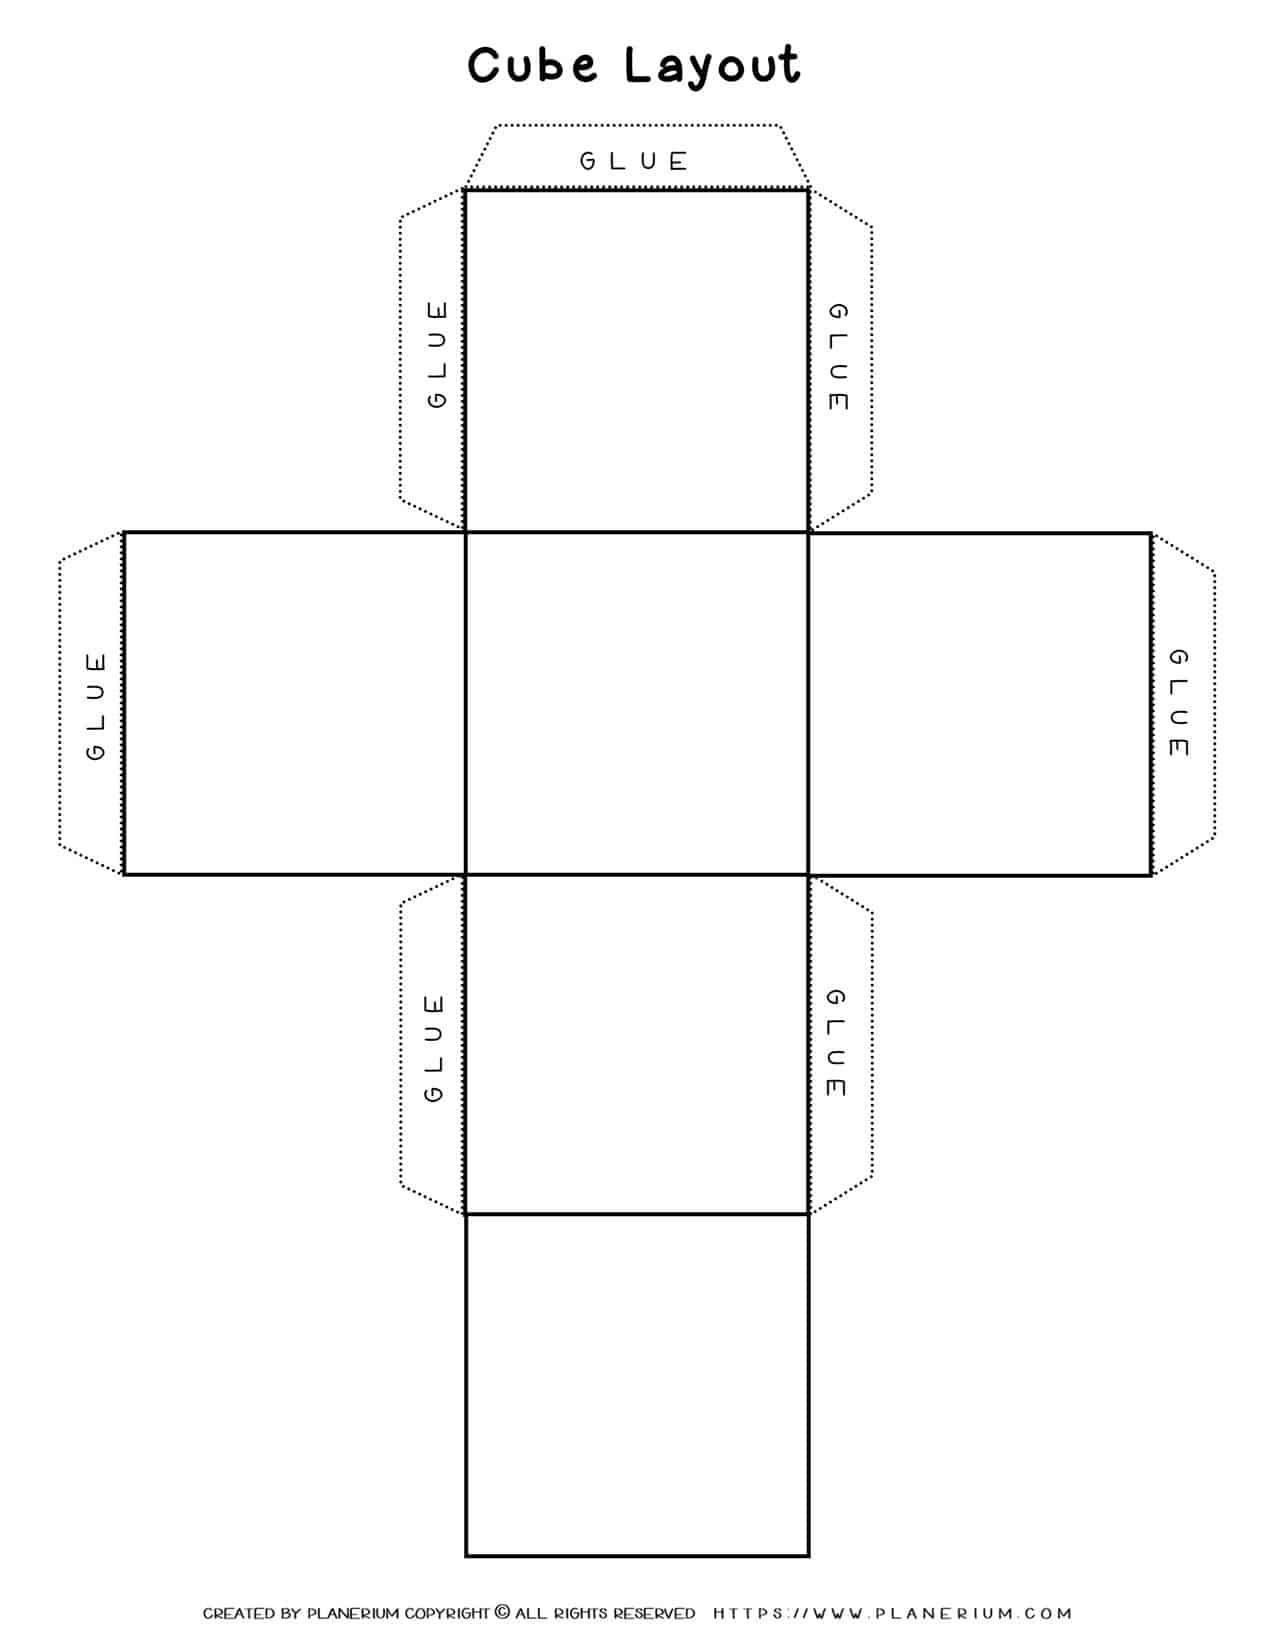 Cube Template | Planerium